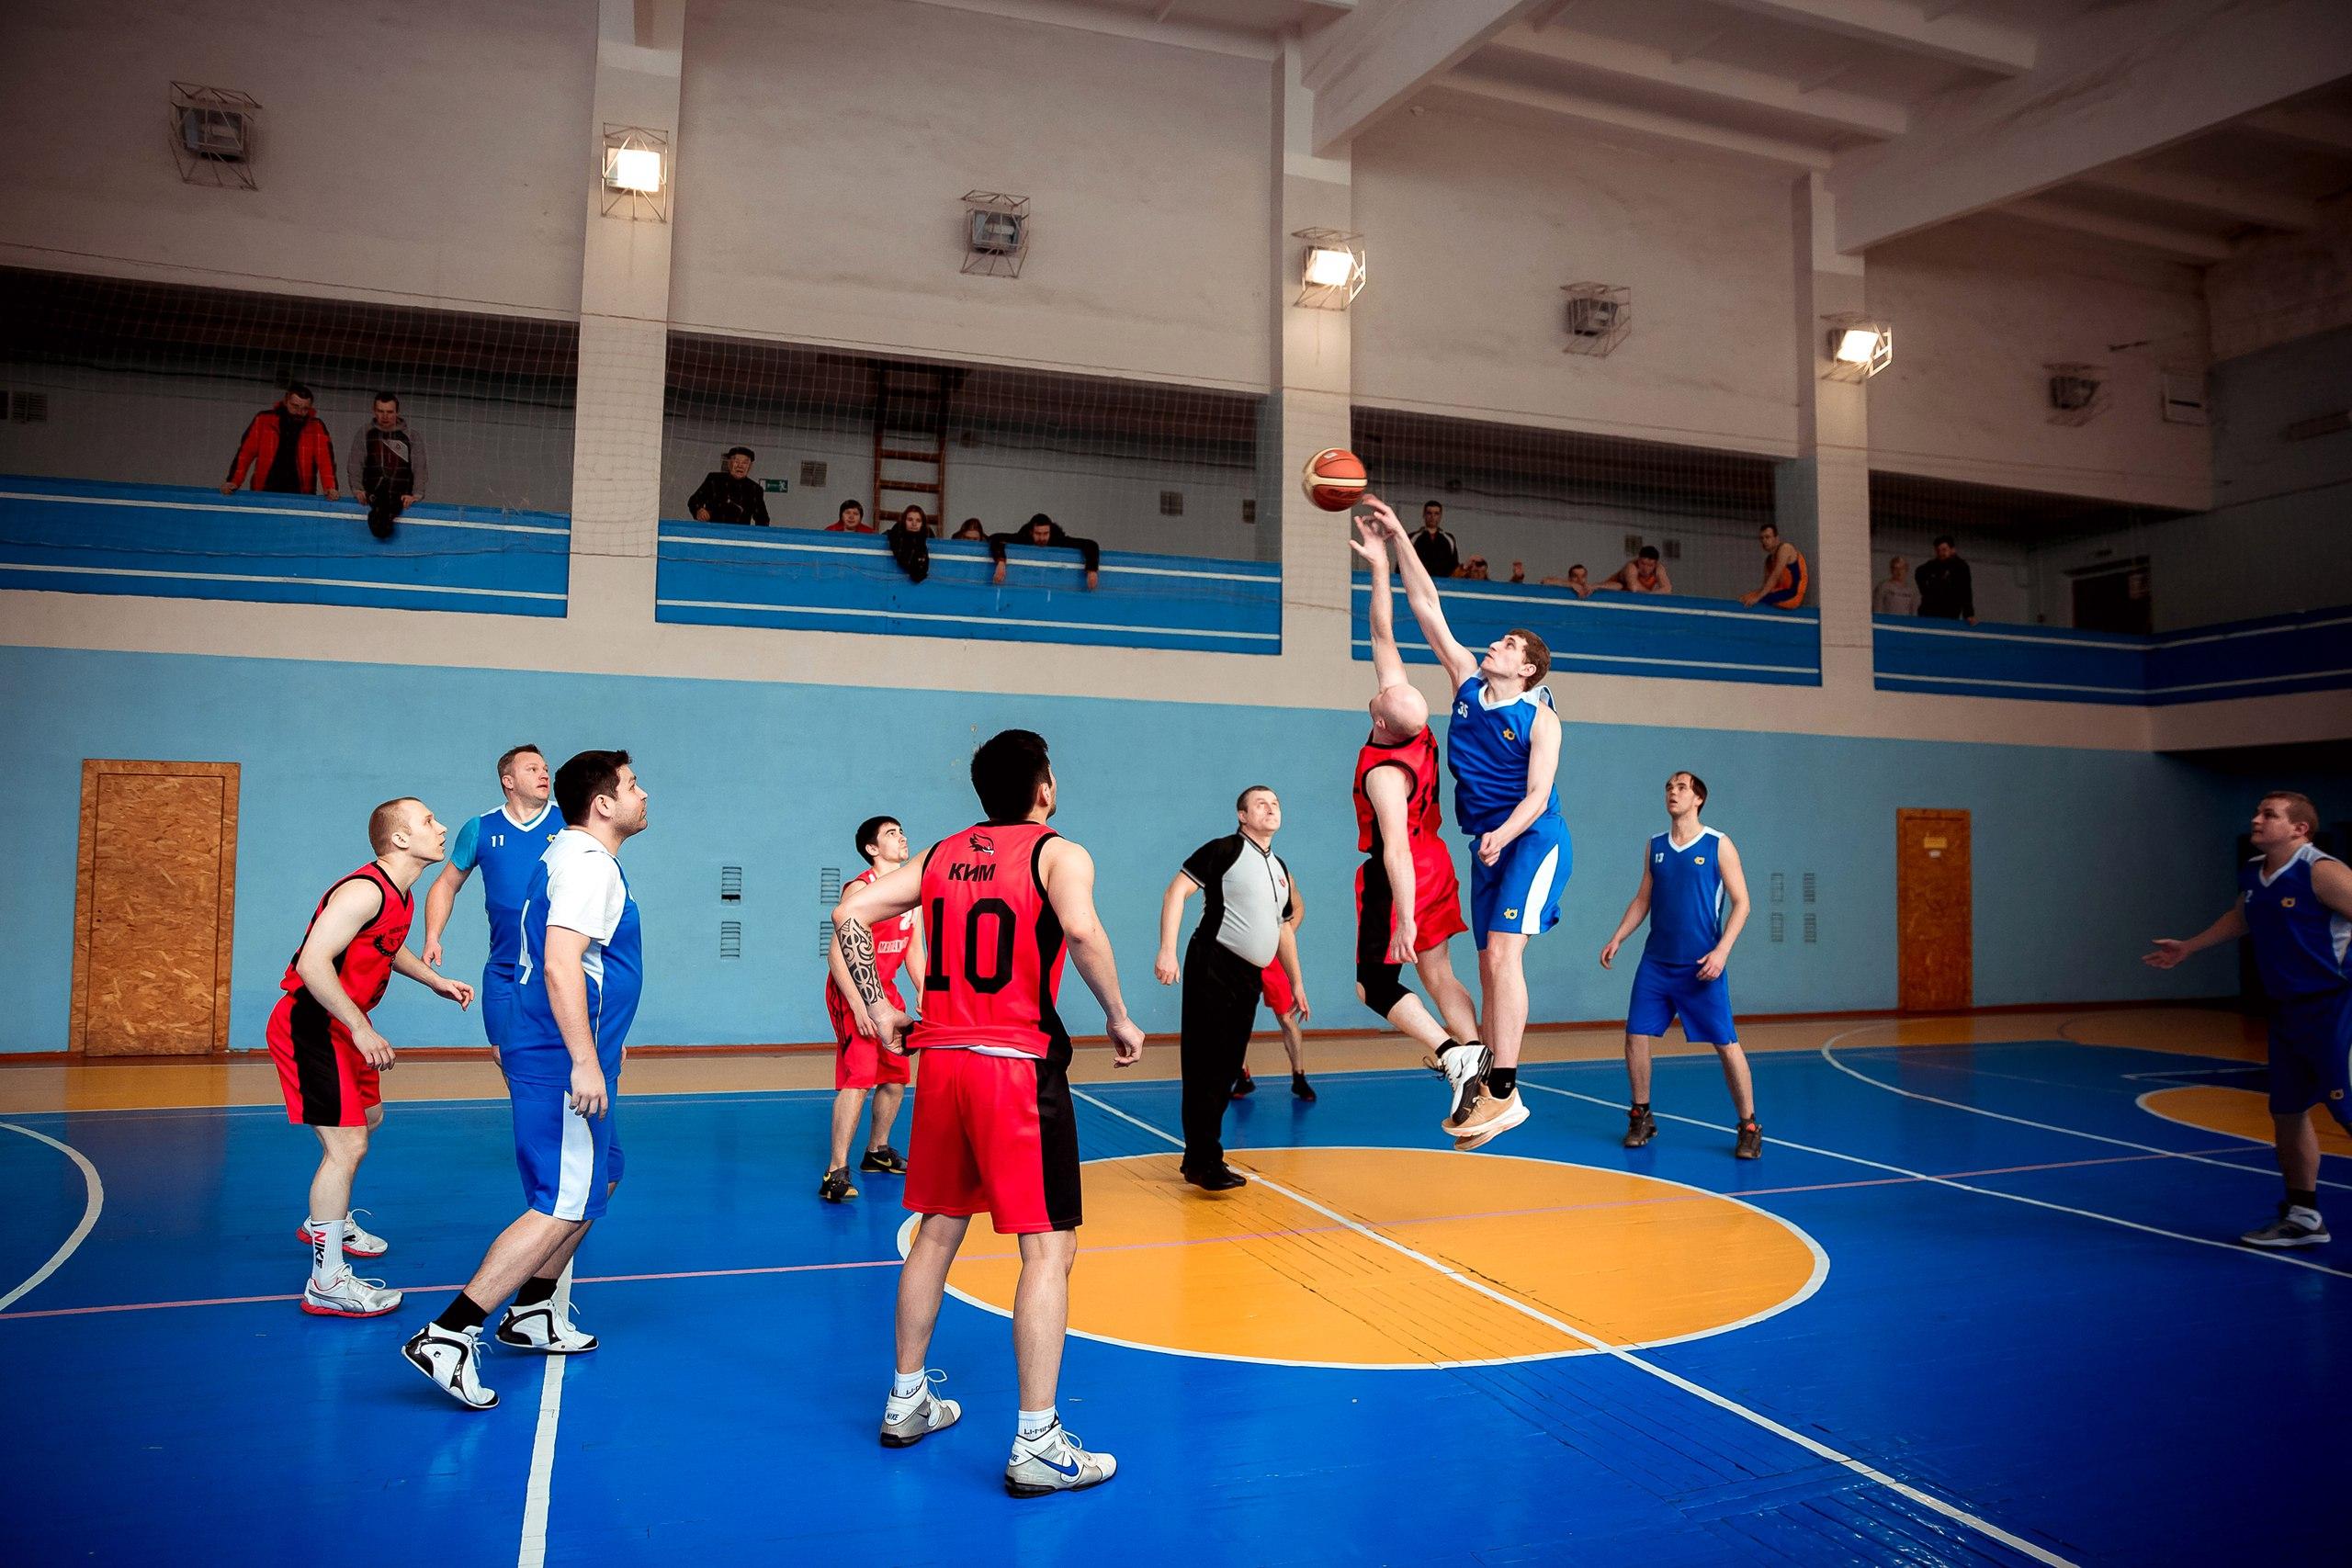 Тверские баскетбольные команд могут подать заявку на участие в фестивале баскетбола